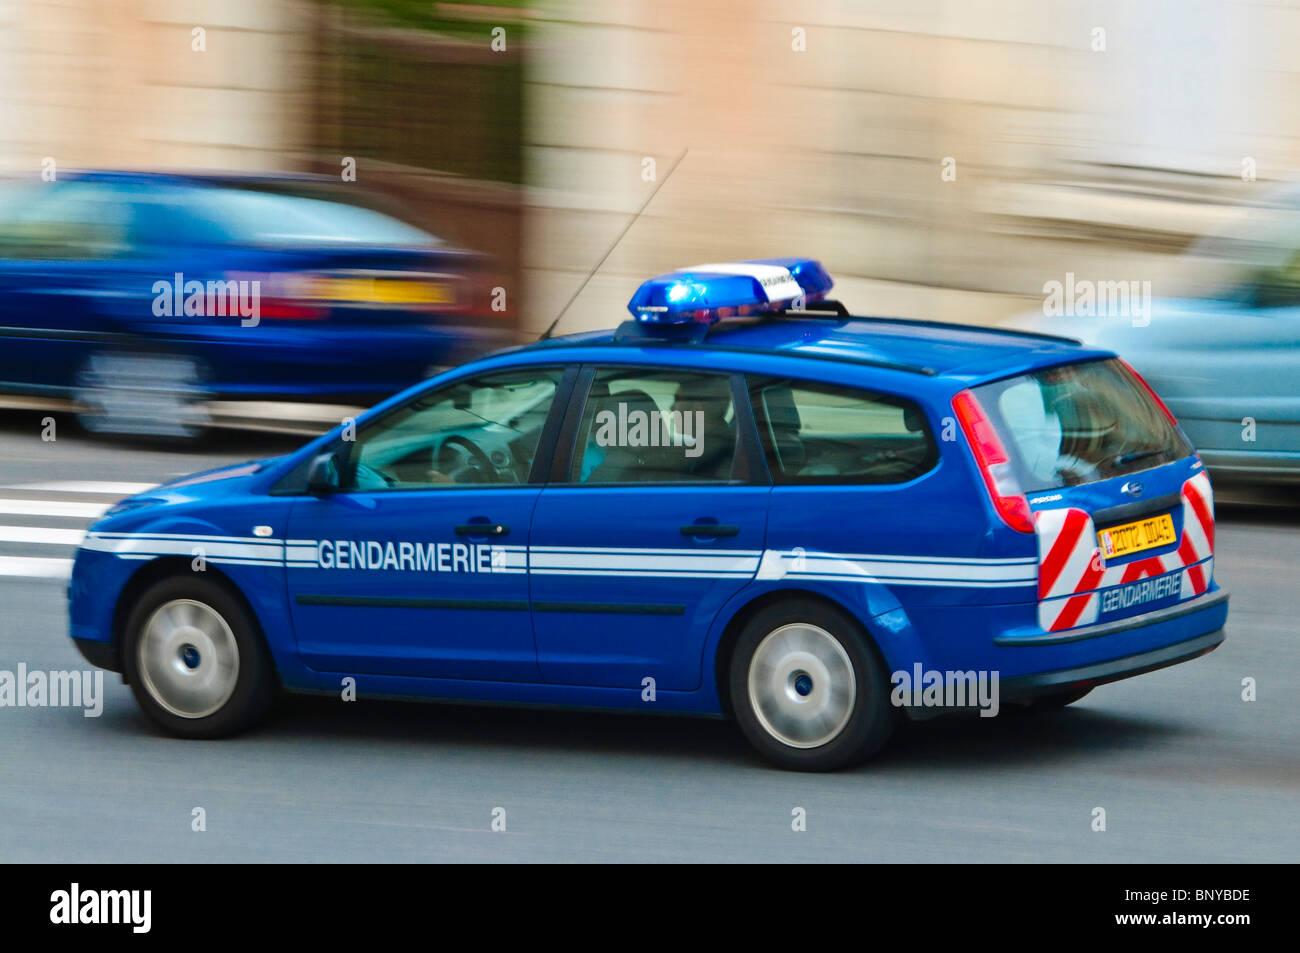 Speeding French Gendarmerie police car. - Stock Image